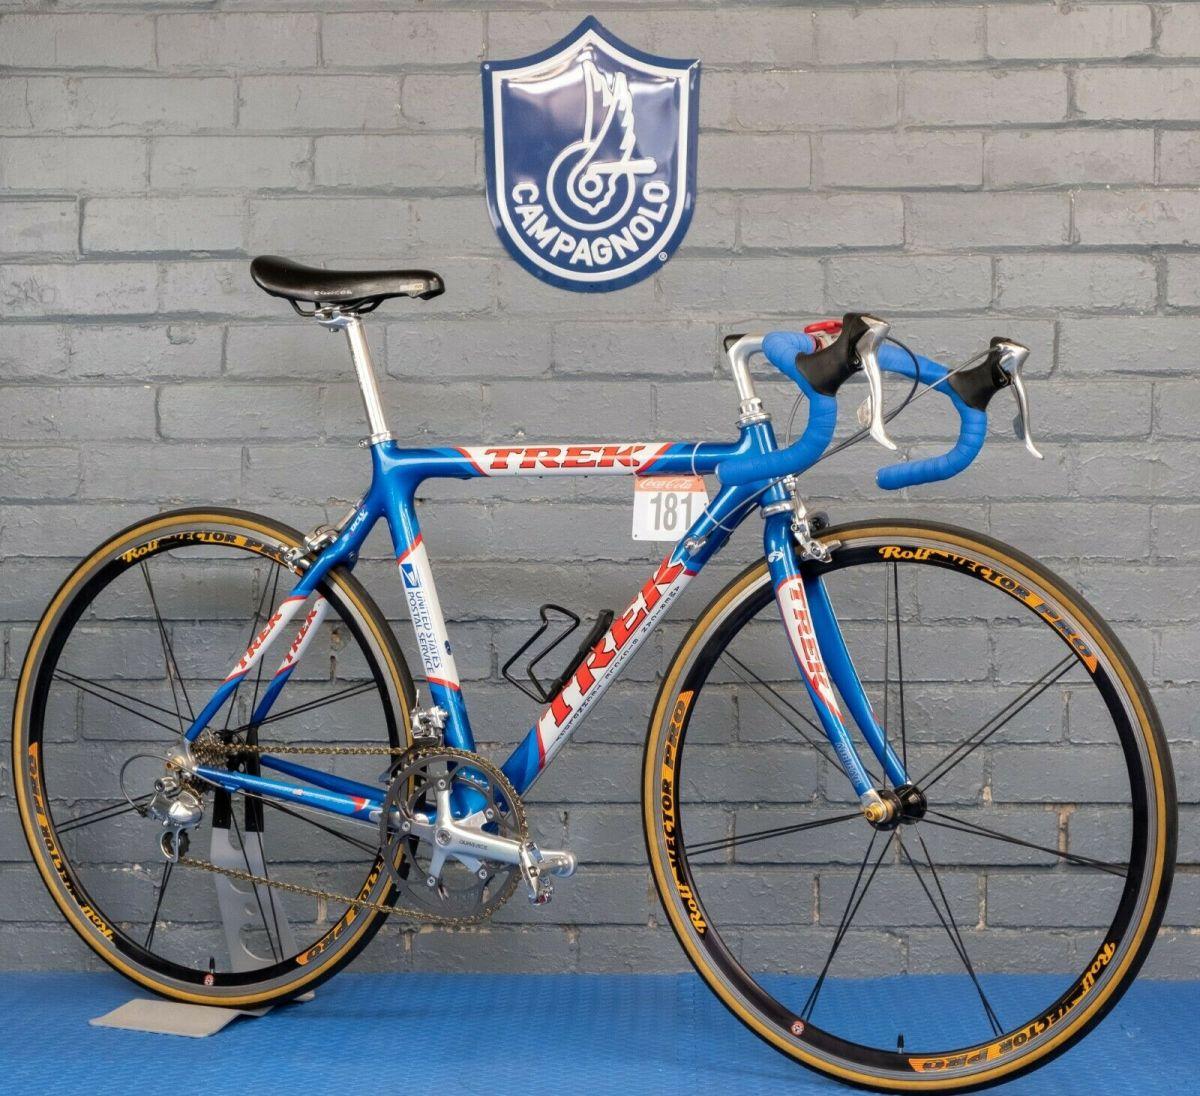 fBVvX4XaDMjAd9AWxrBERL-1200-80.jpg